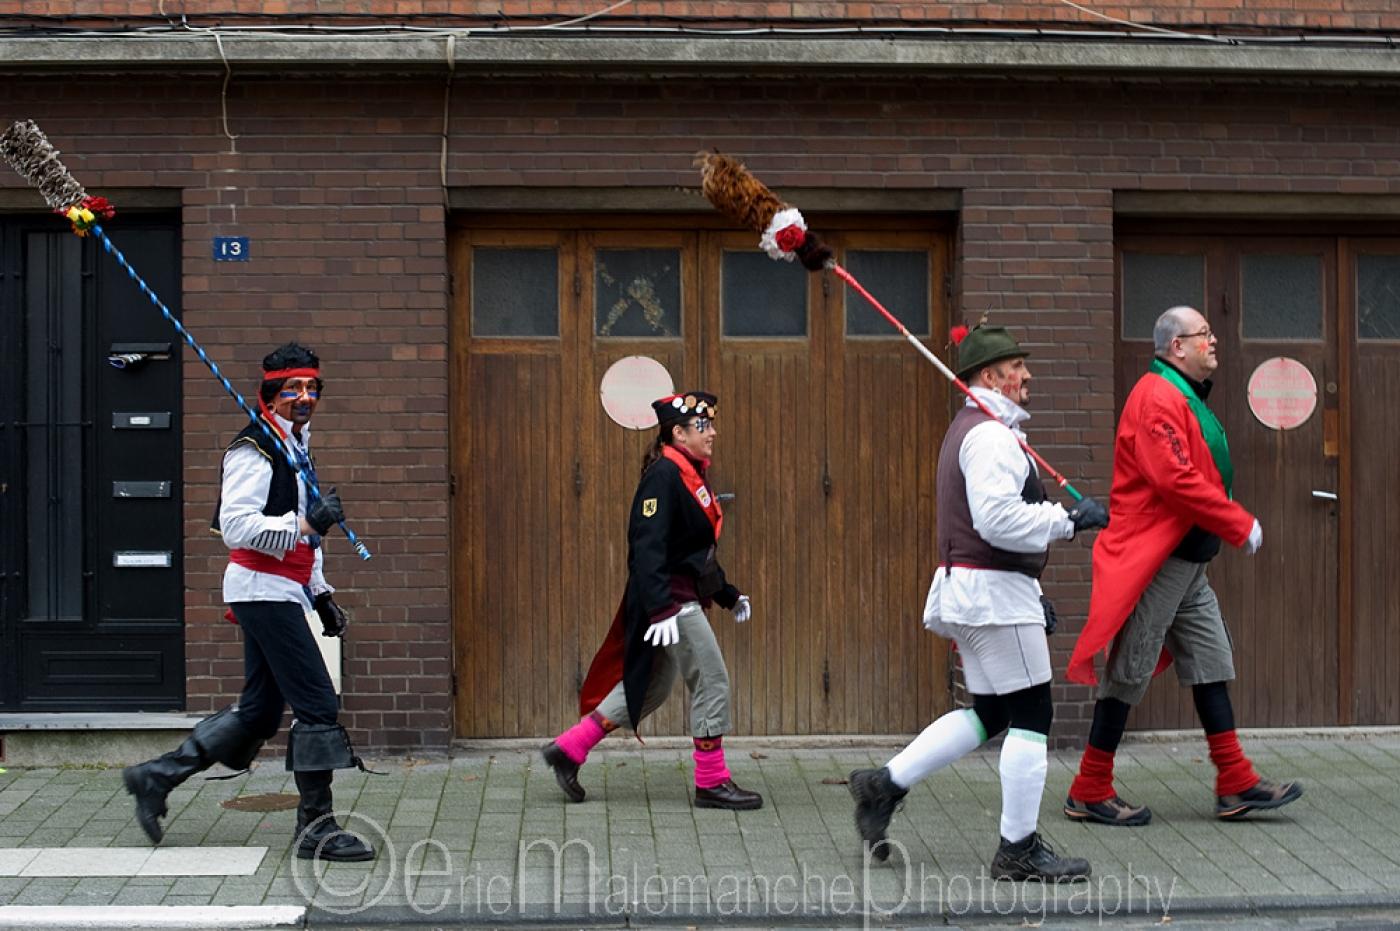 https://www.ericmalemanche.com/imagess/topics/carnaval-de-dunkerque/liste/Carnaval-Dunkerque-0190.jpg